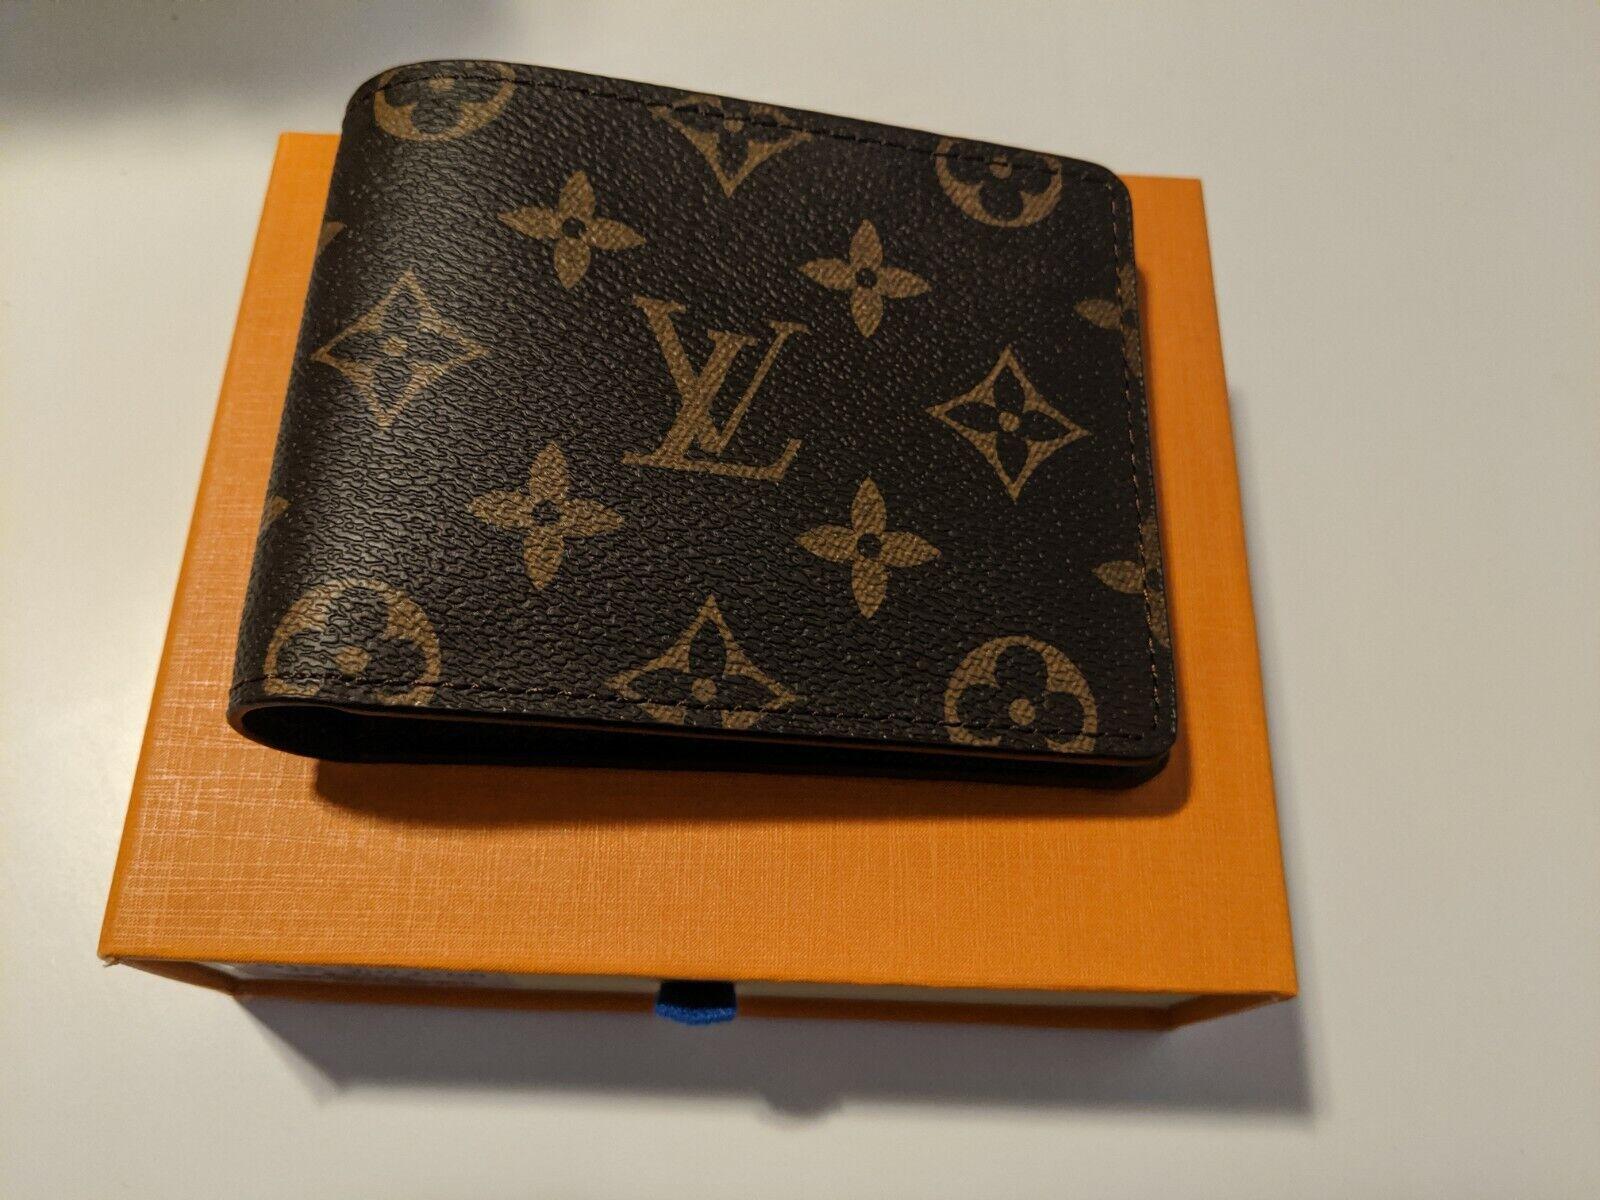 100 AUTHENTIC Louis Vuitton Wallet Monogram